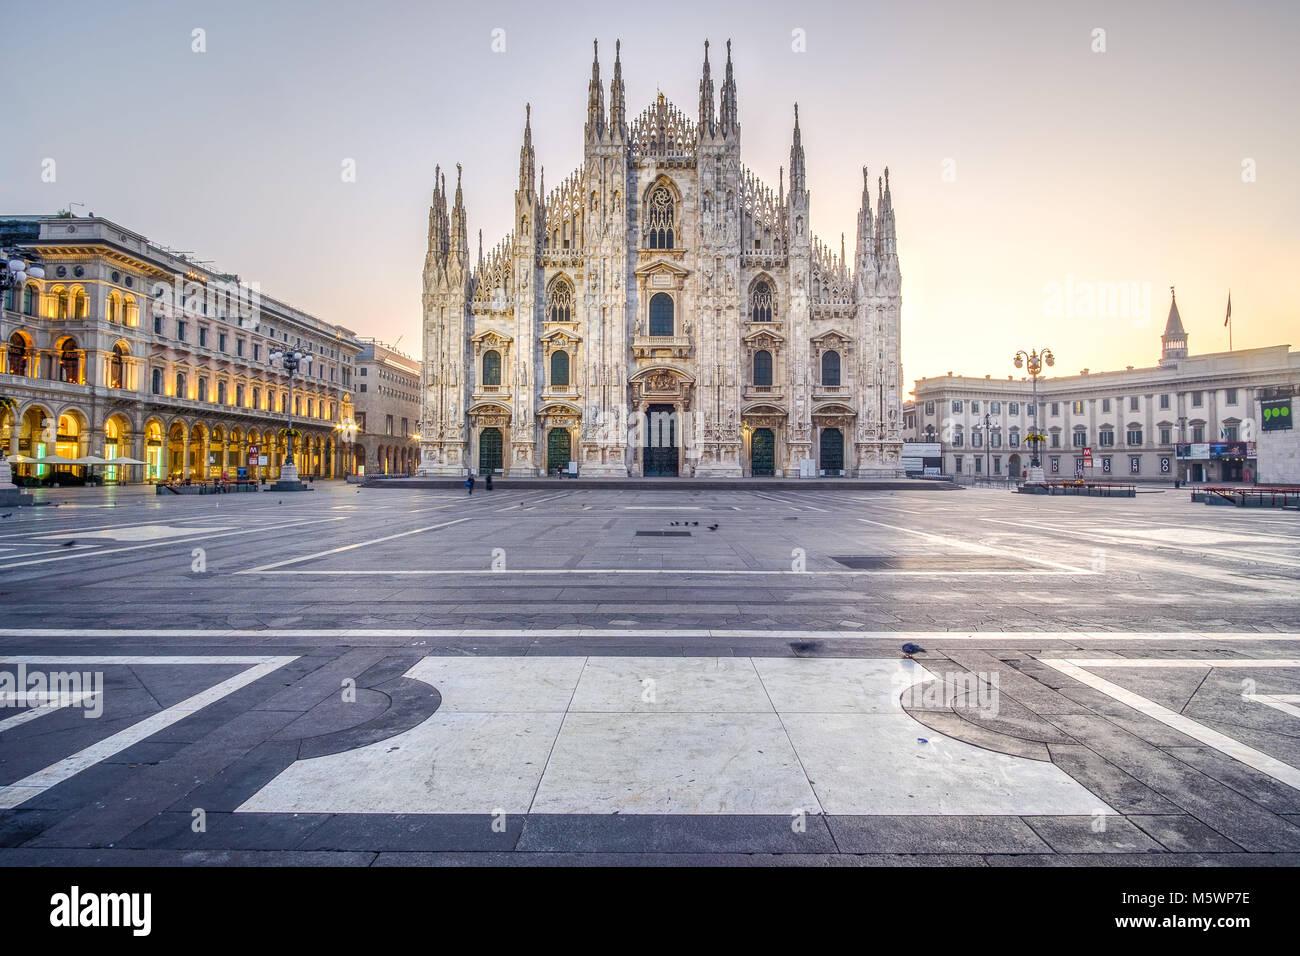 Sunrise in Piazza del Duomo in Milan, Italy. December 2017. - Stock Image